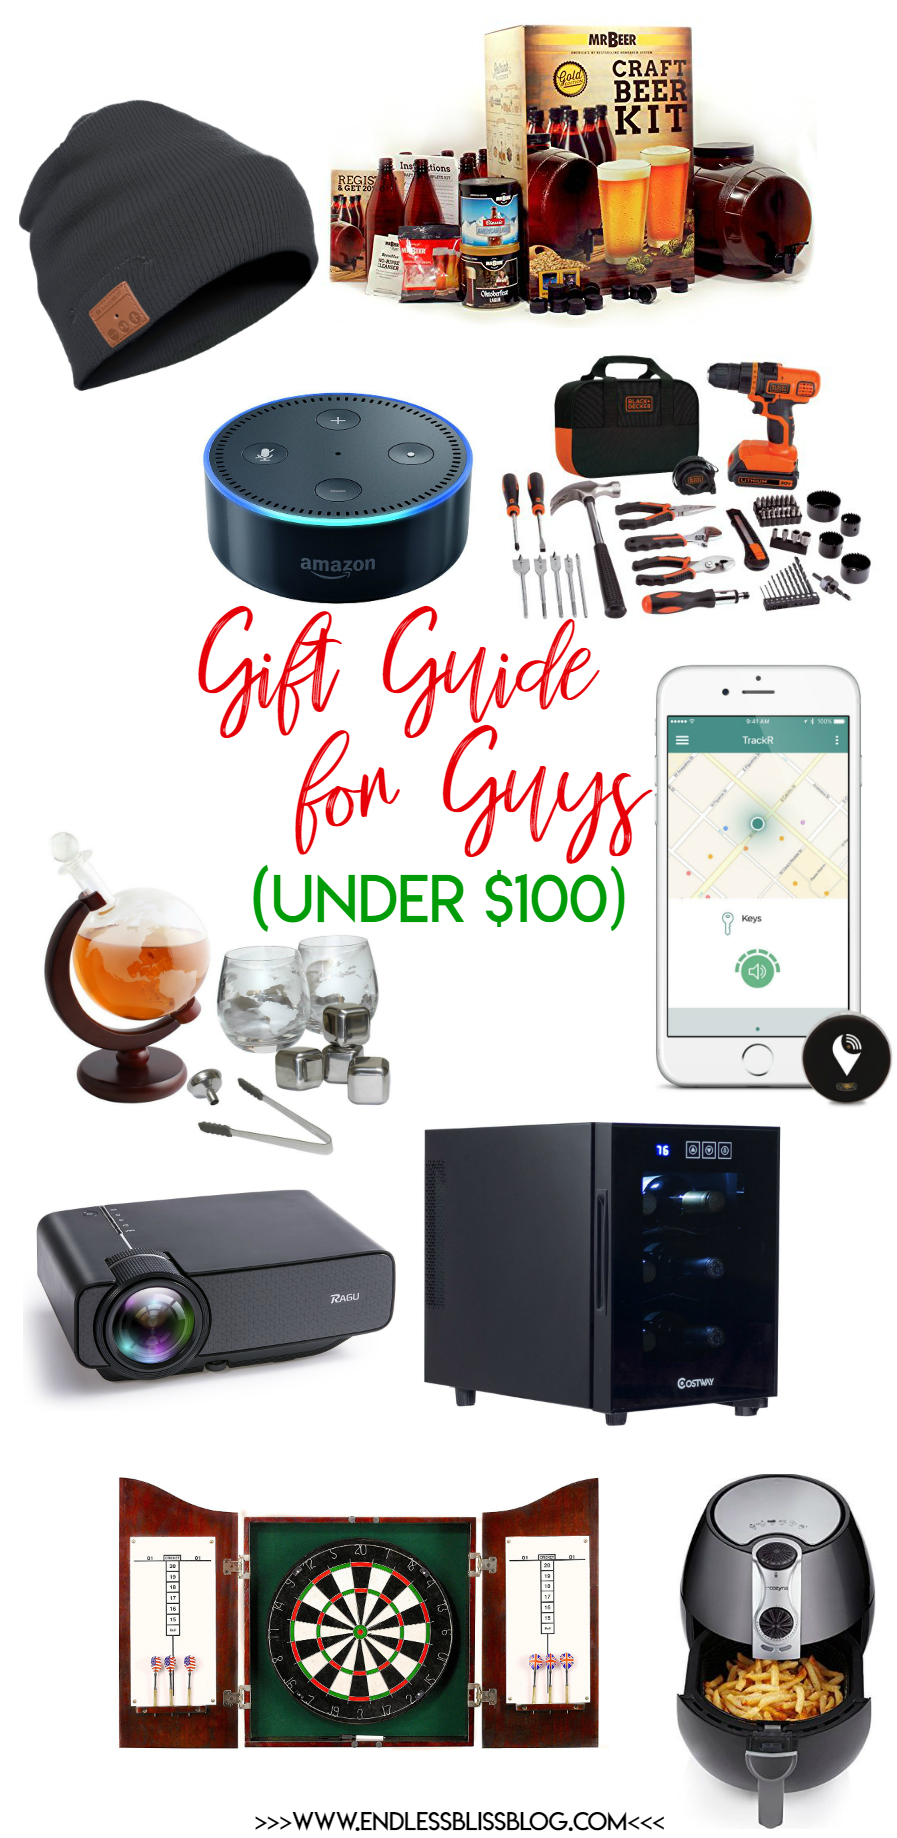 Gift-Guide-for-Guys-1.jpg